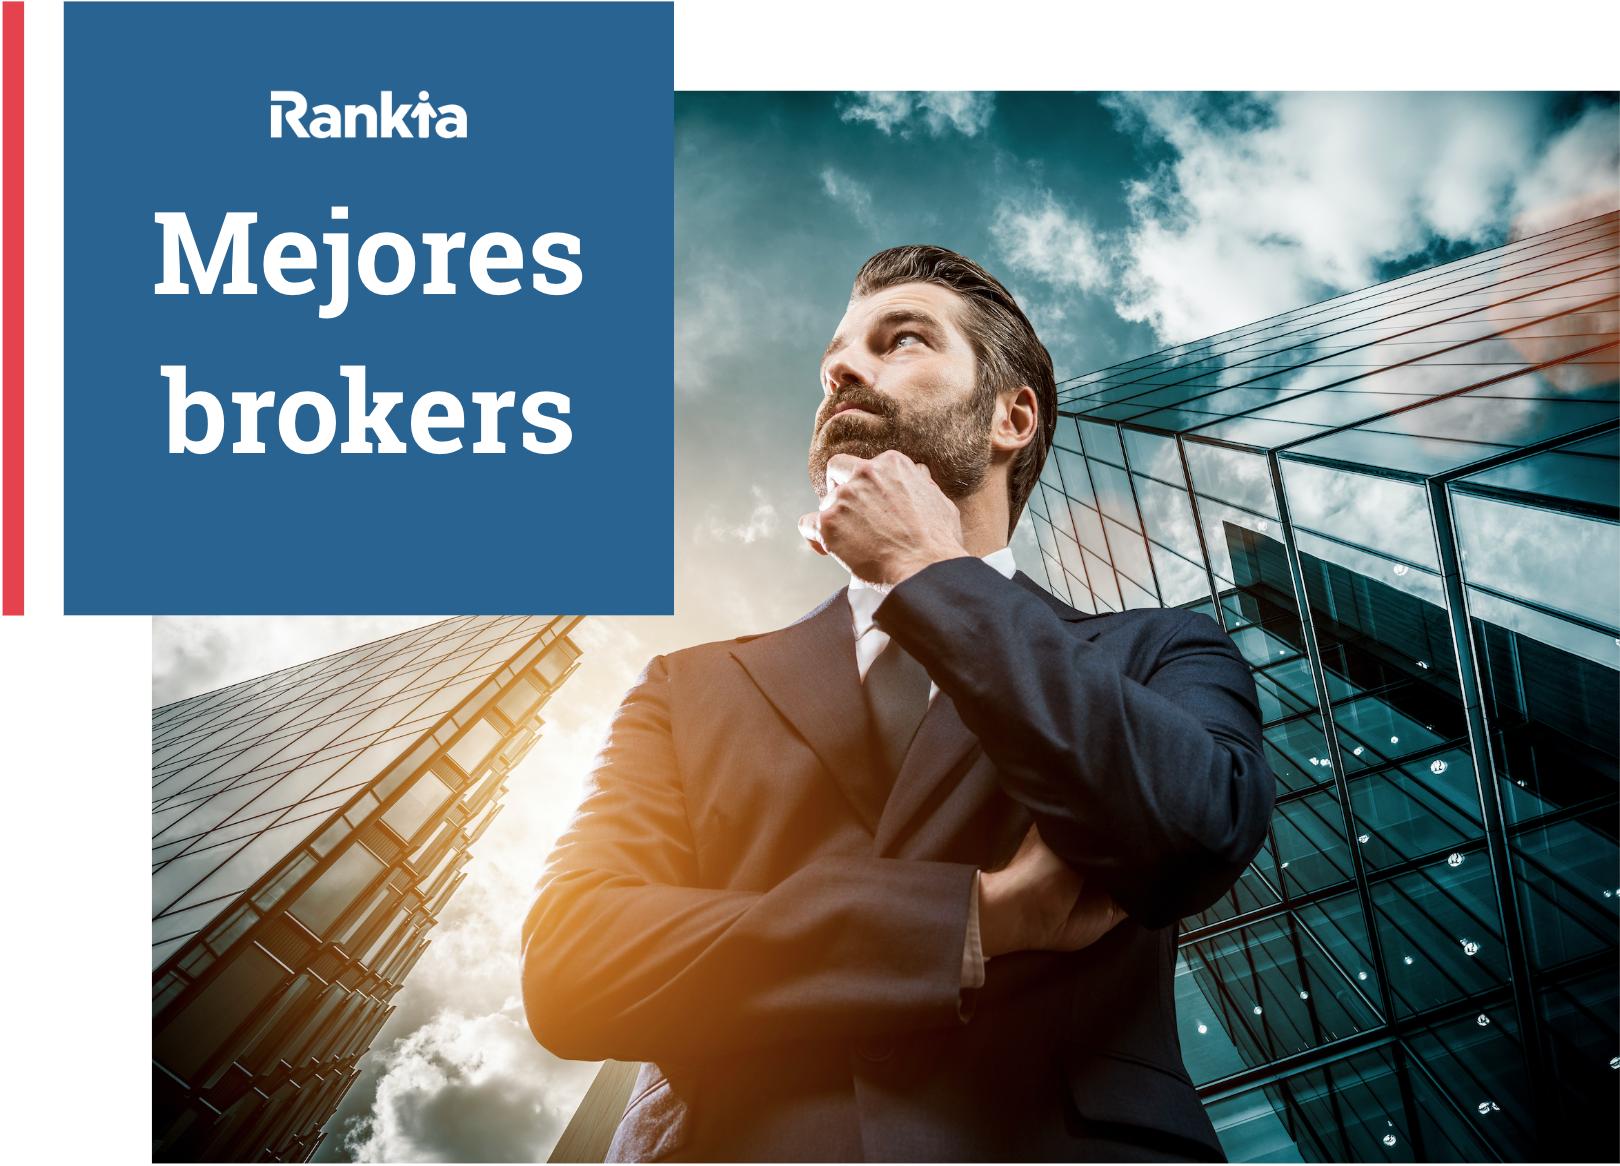 Mejores brokers para invertir en forex